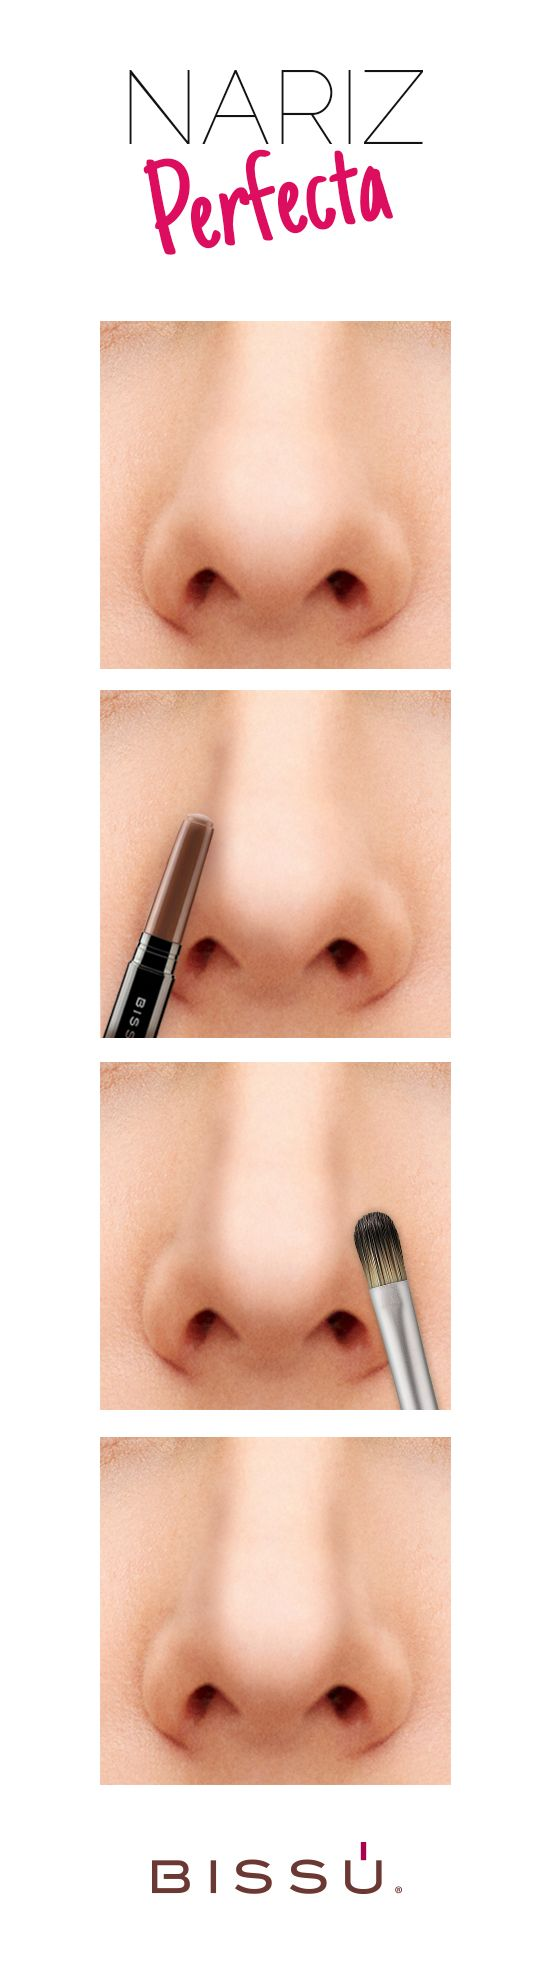 Consigue una nariz perfecta, puedes disimularla con esta guía.  Dibuja una línea recta en las partes laterales de la nariz con Corrector tono 8.  Difumina con una brocha.